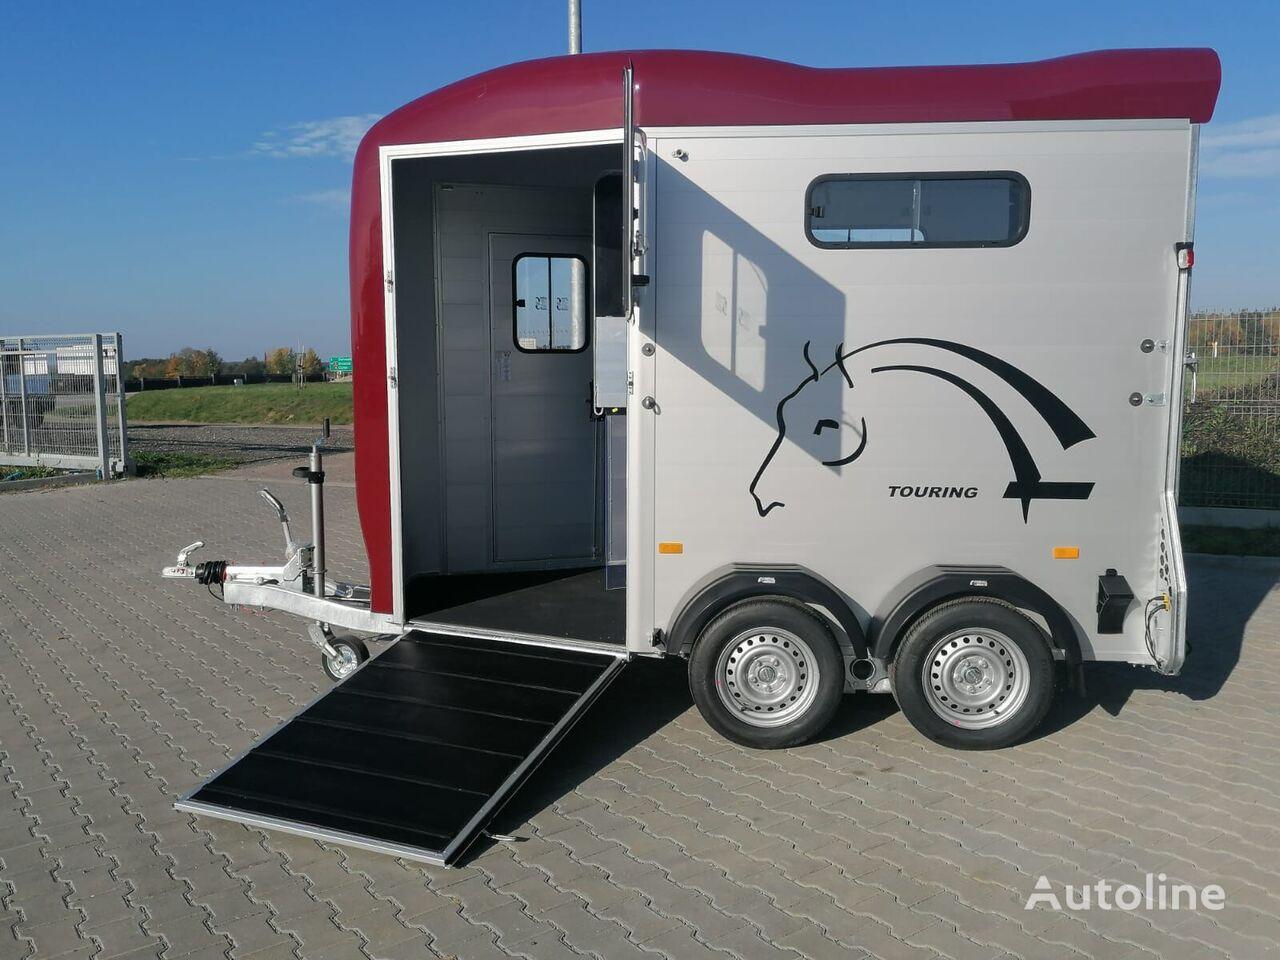 remolque de caballos Cheval liberte Touring country horse trailer with front entrance nuevo